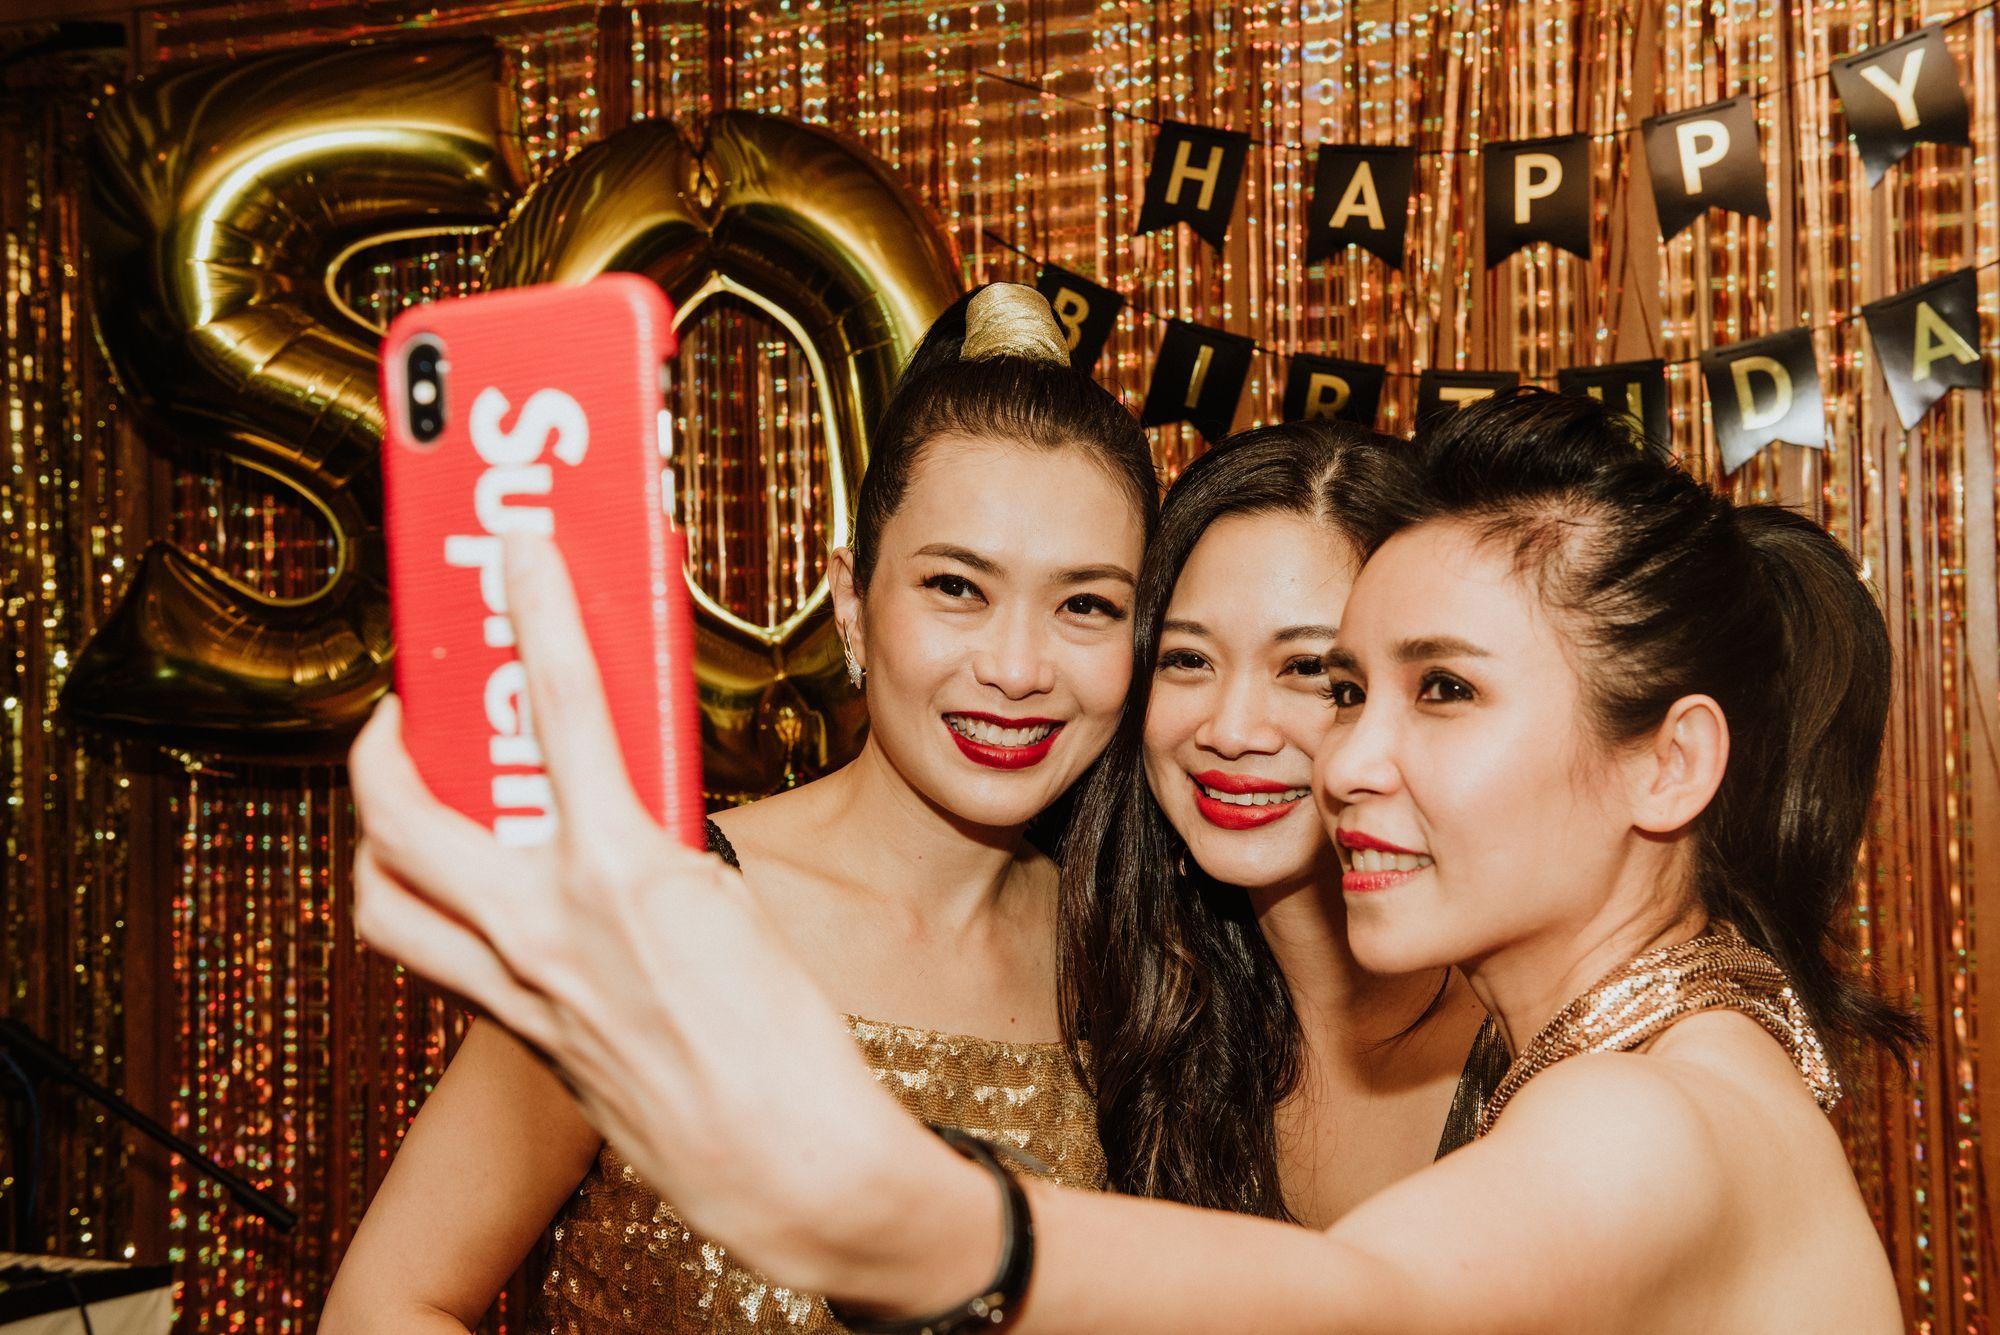 Ho Ching Lin, Tjin Lee, Fanty Soenardy